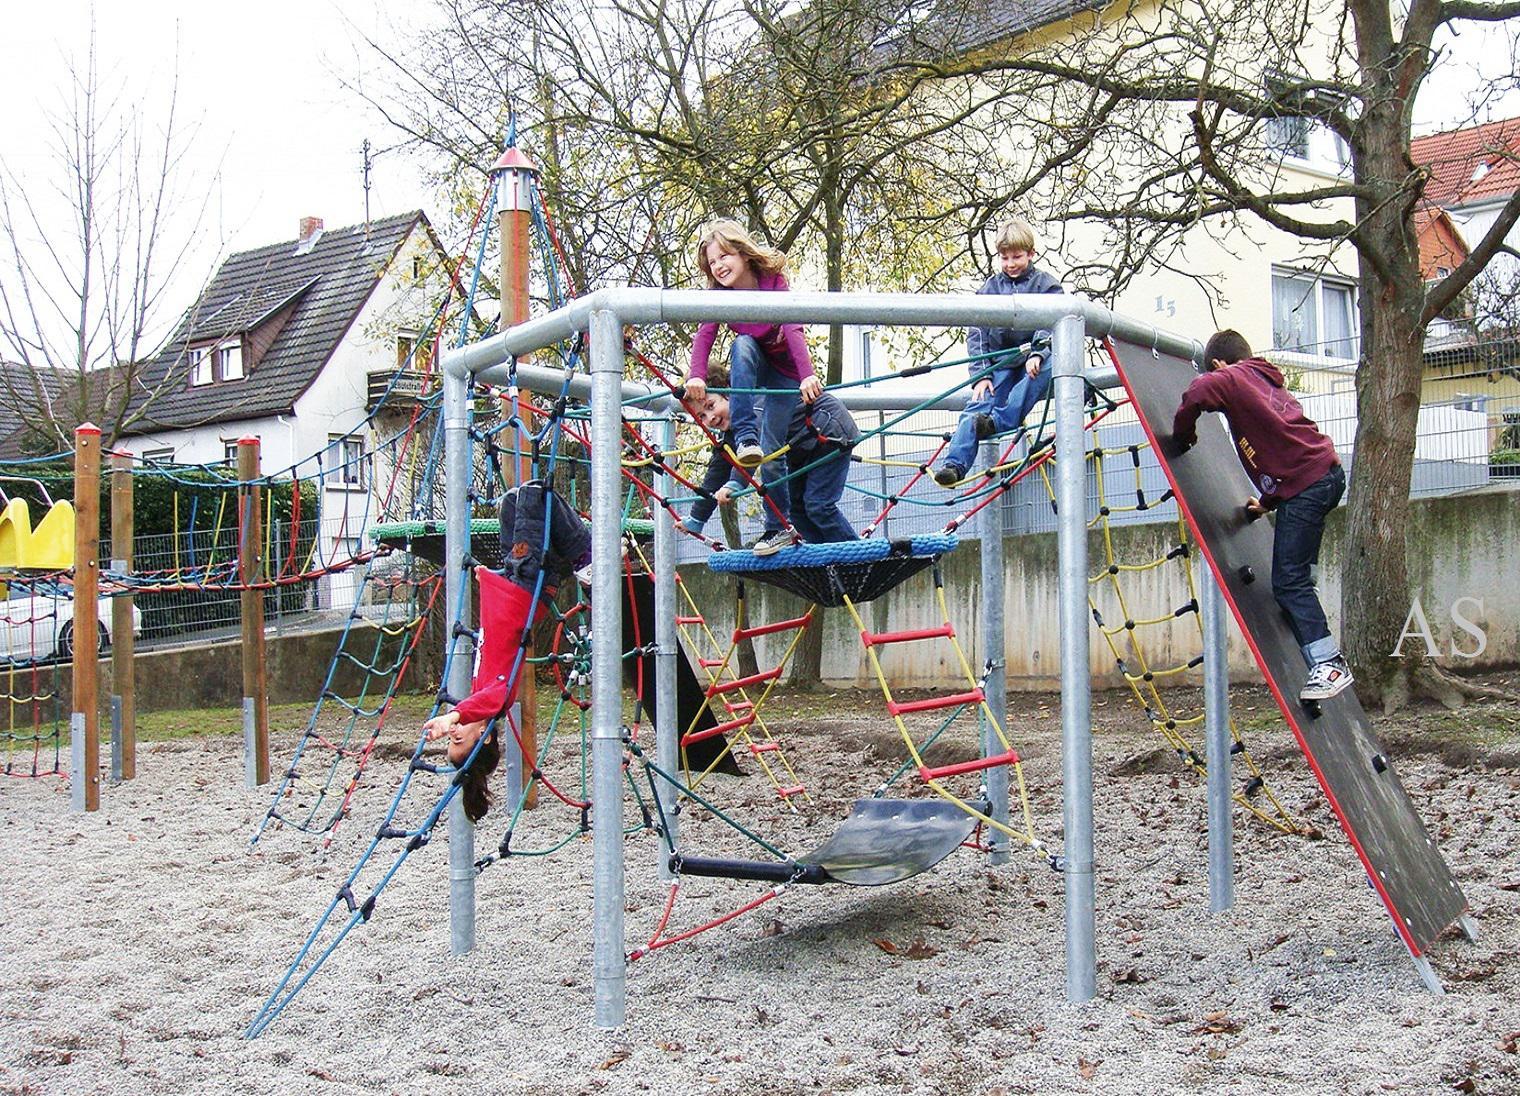 Klettergerüst Outdoor Erwachsene : Klettergerüst abzugeben in nordrhein westfalen rheine ebay